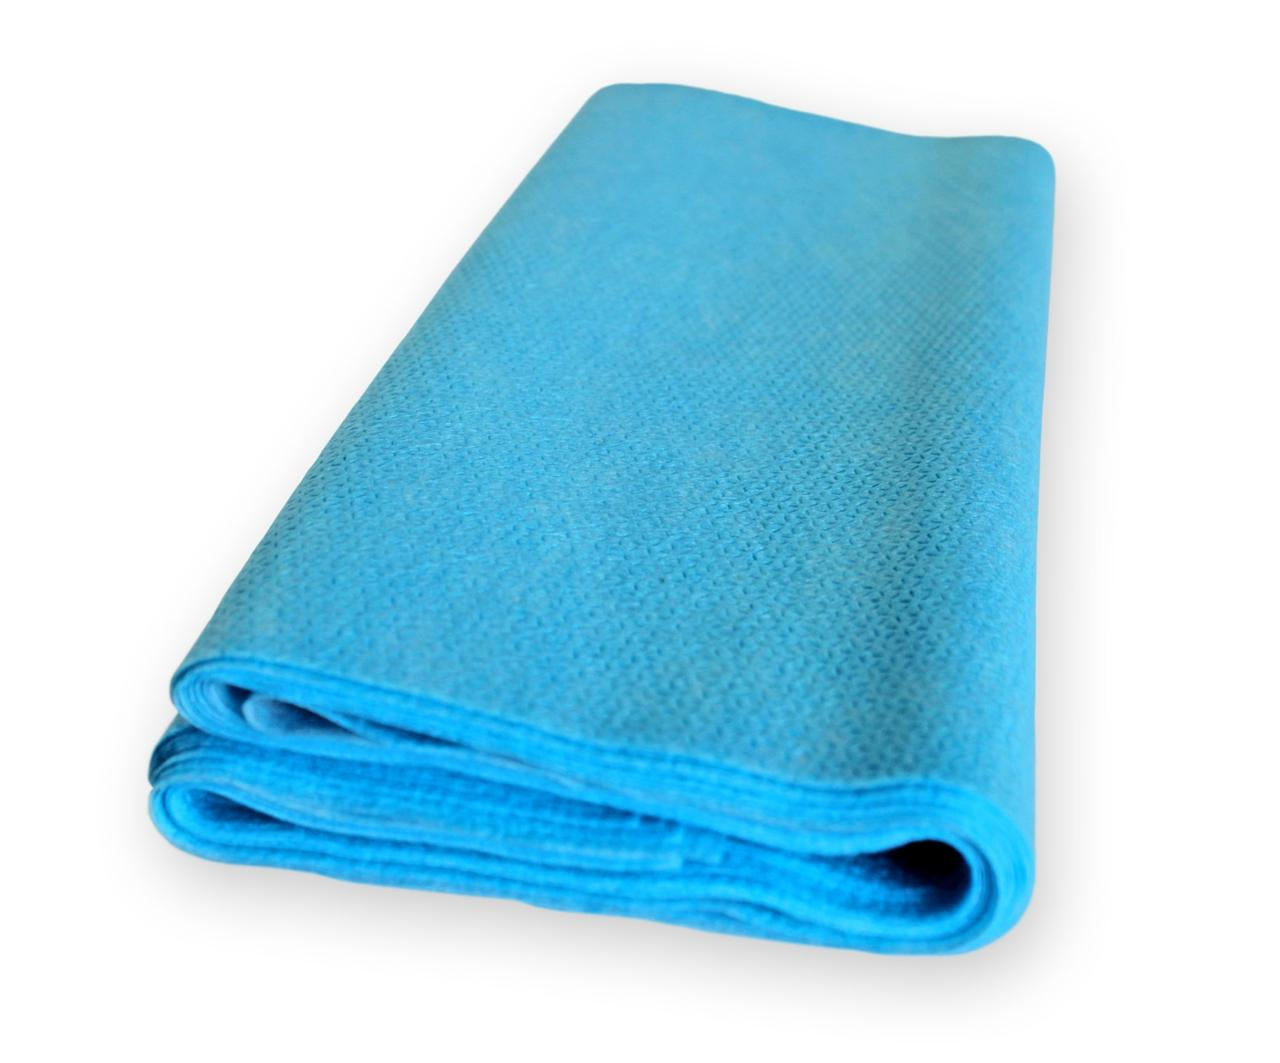 Пеленка (салфетка) QSLEEP влагостойкая 48х44см бело-голубая (10шт/уп)